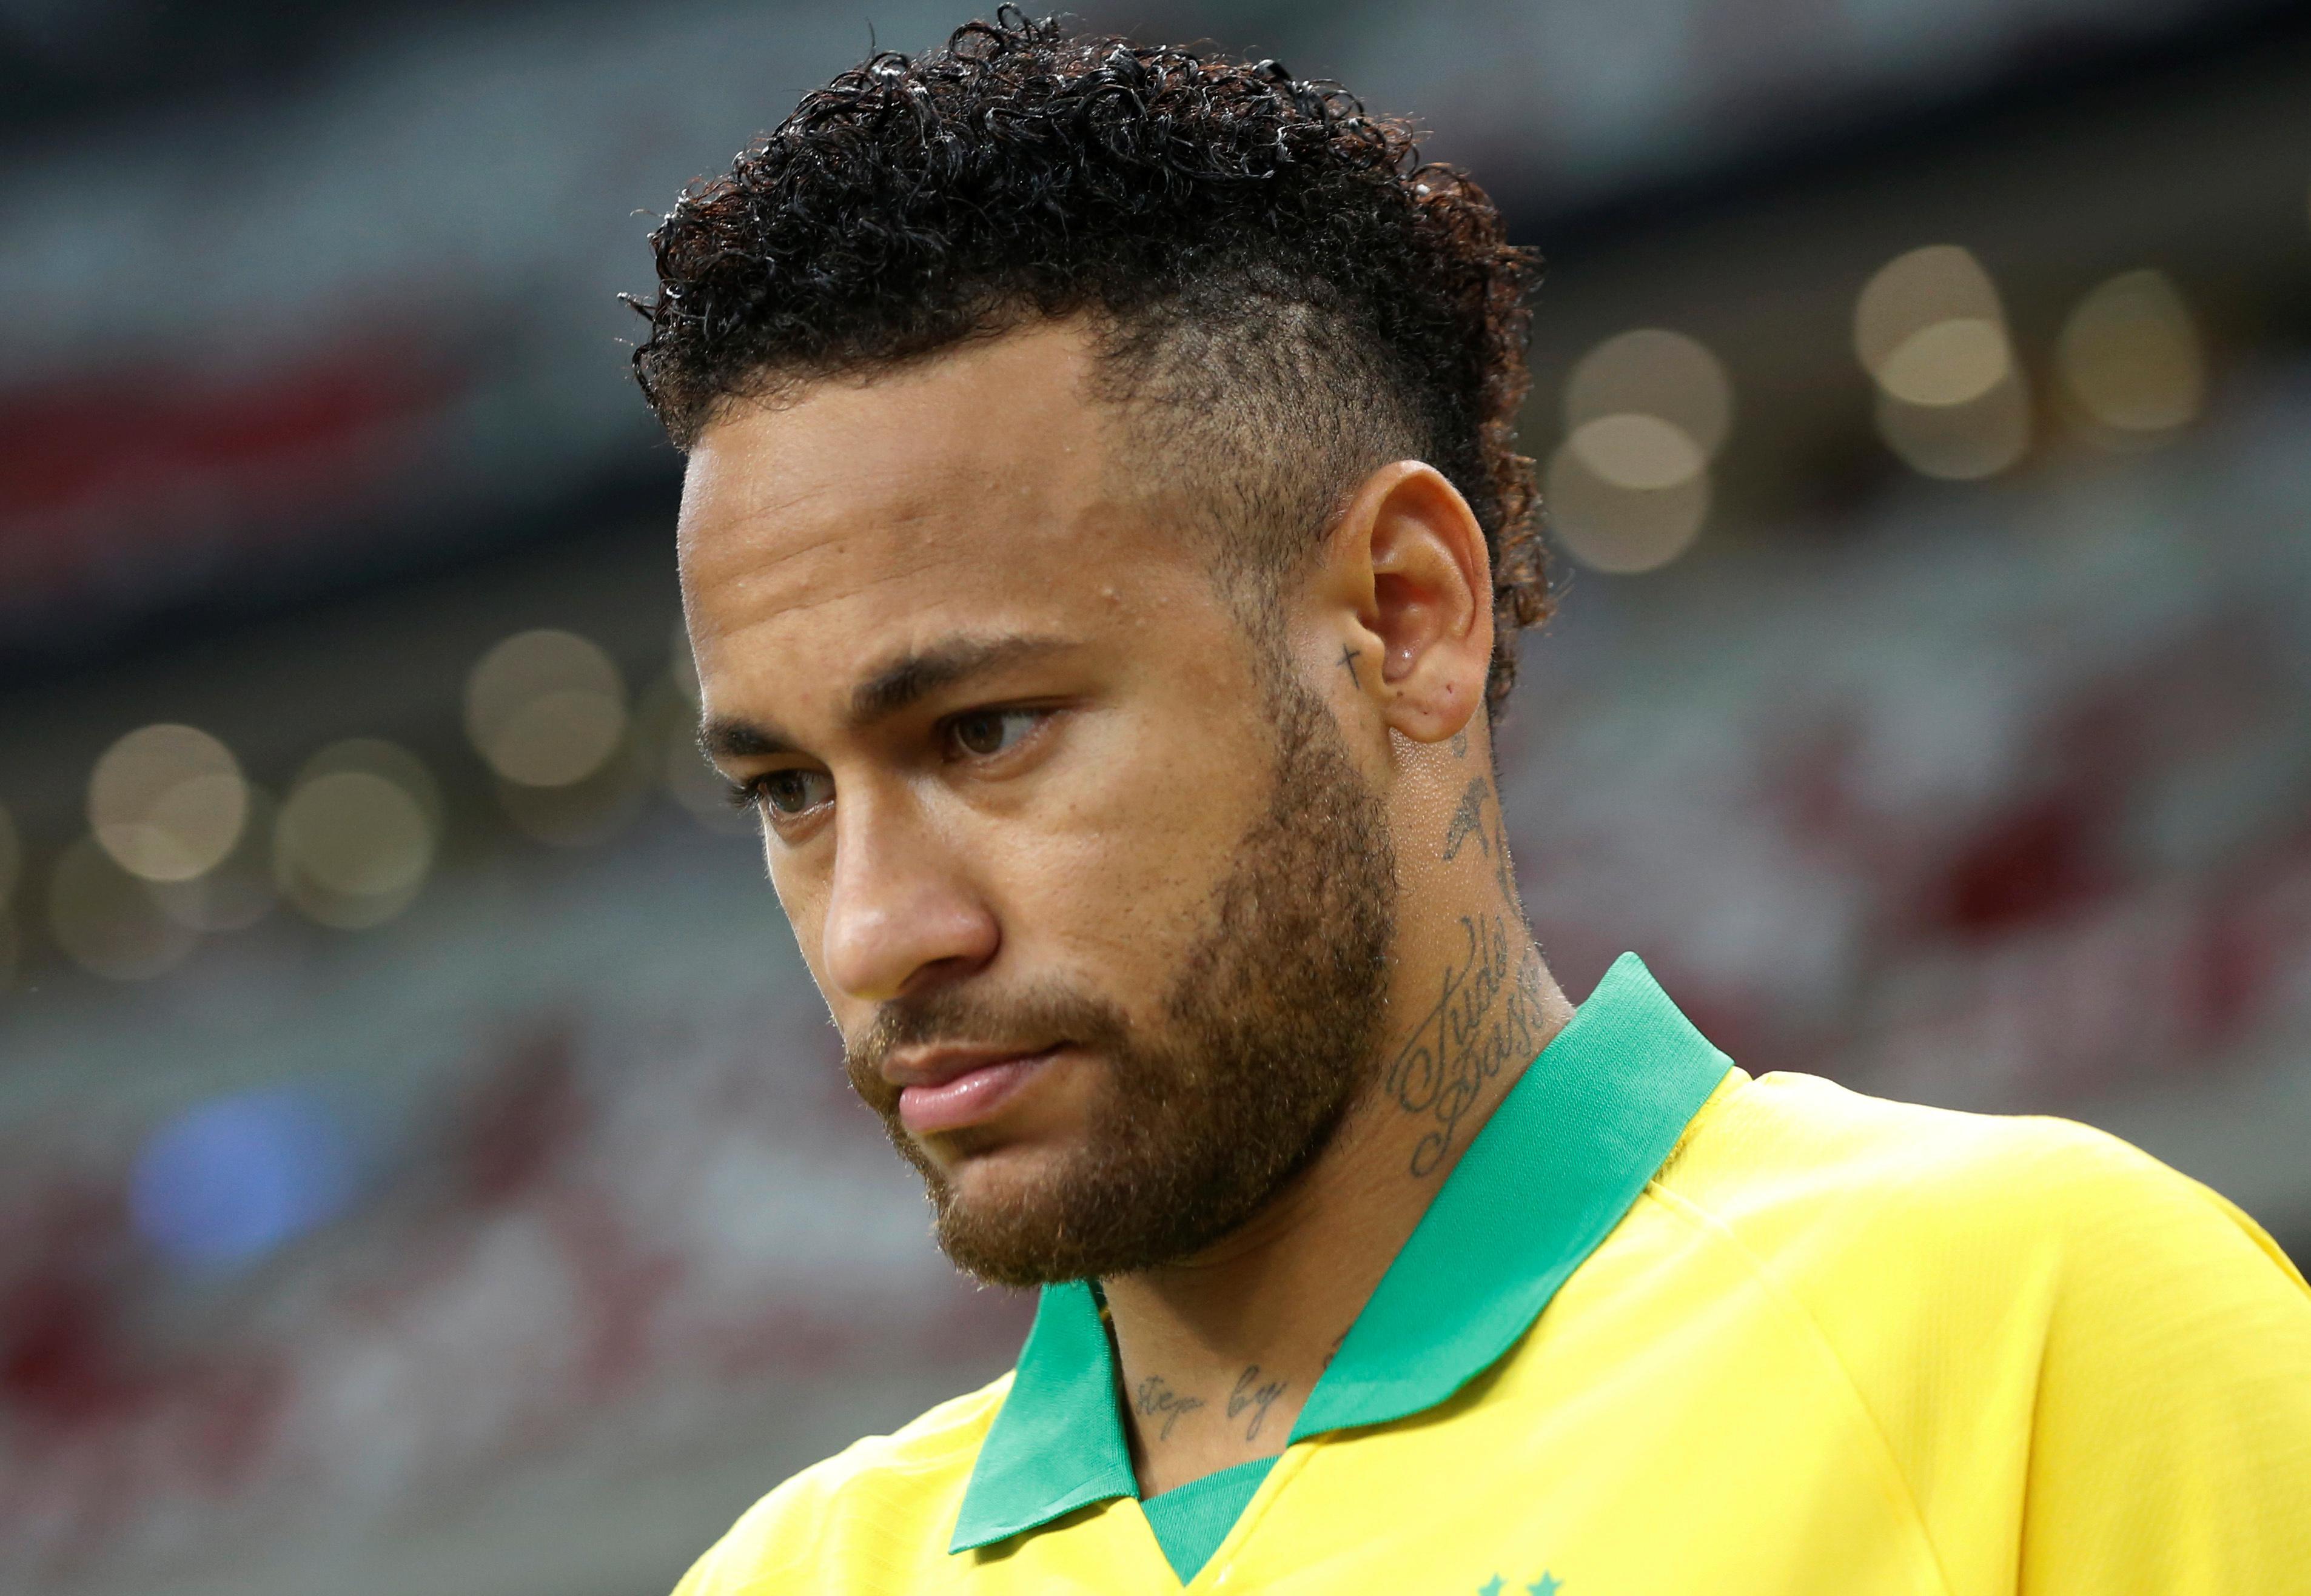 Verletzung der Achillessehne: Zwangspause für Neymar